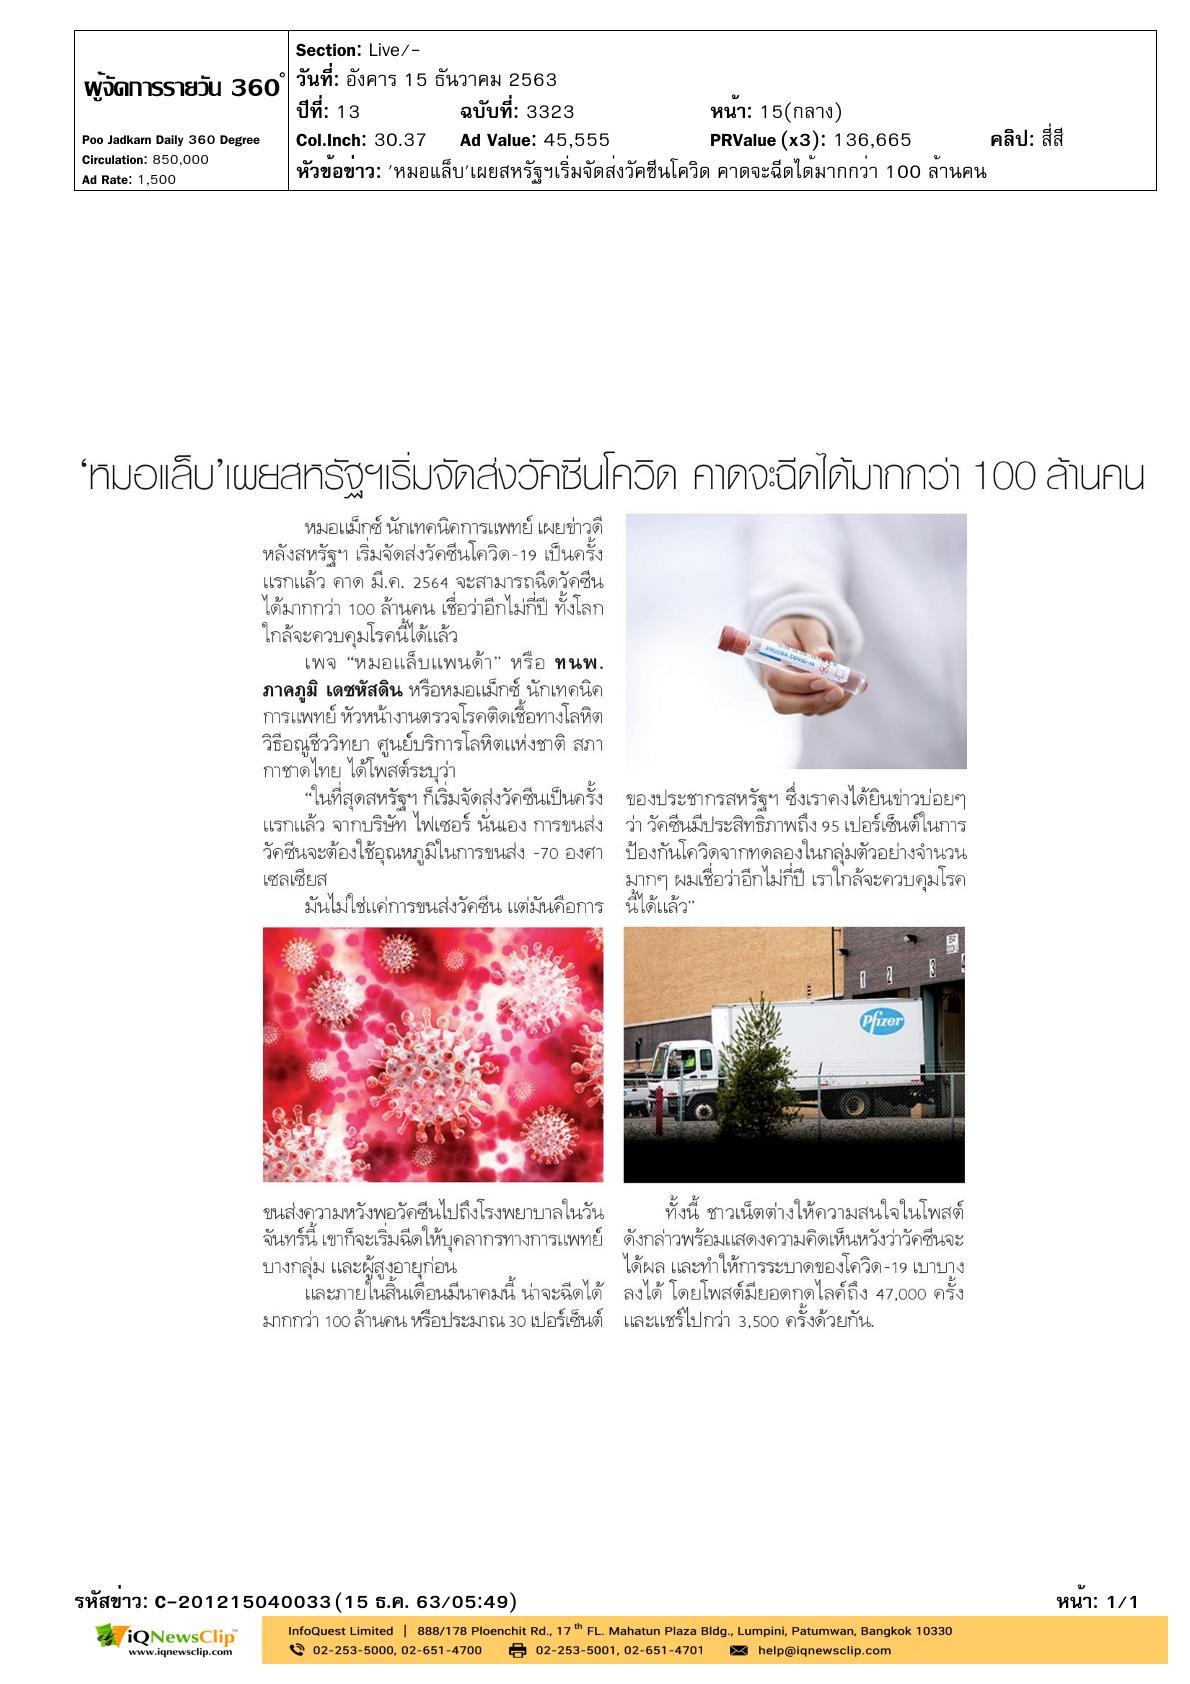 วัคซีนป้องกันโควิด-19 ในประเทศไทย